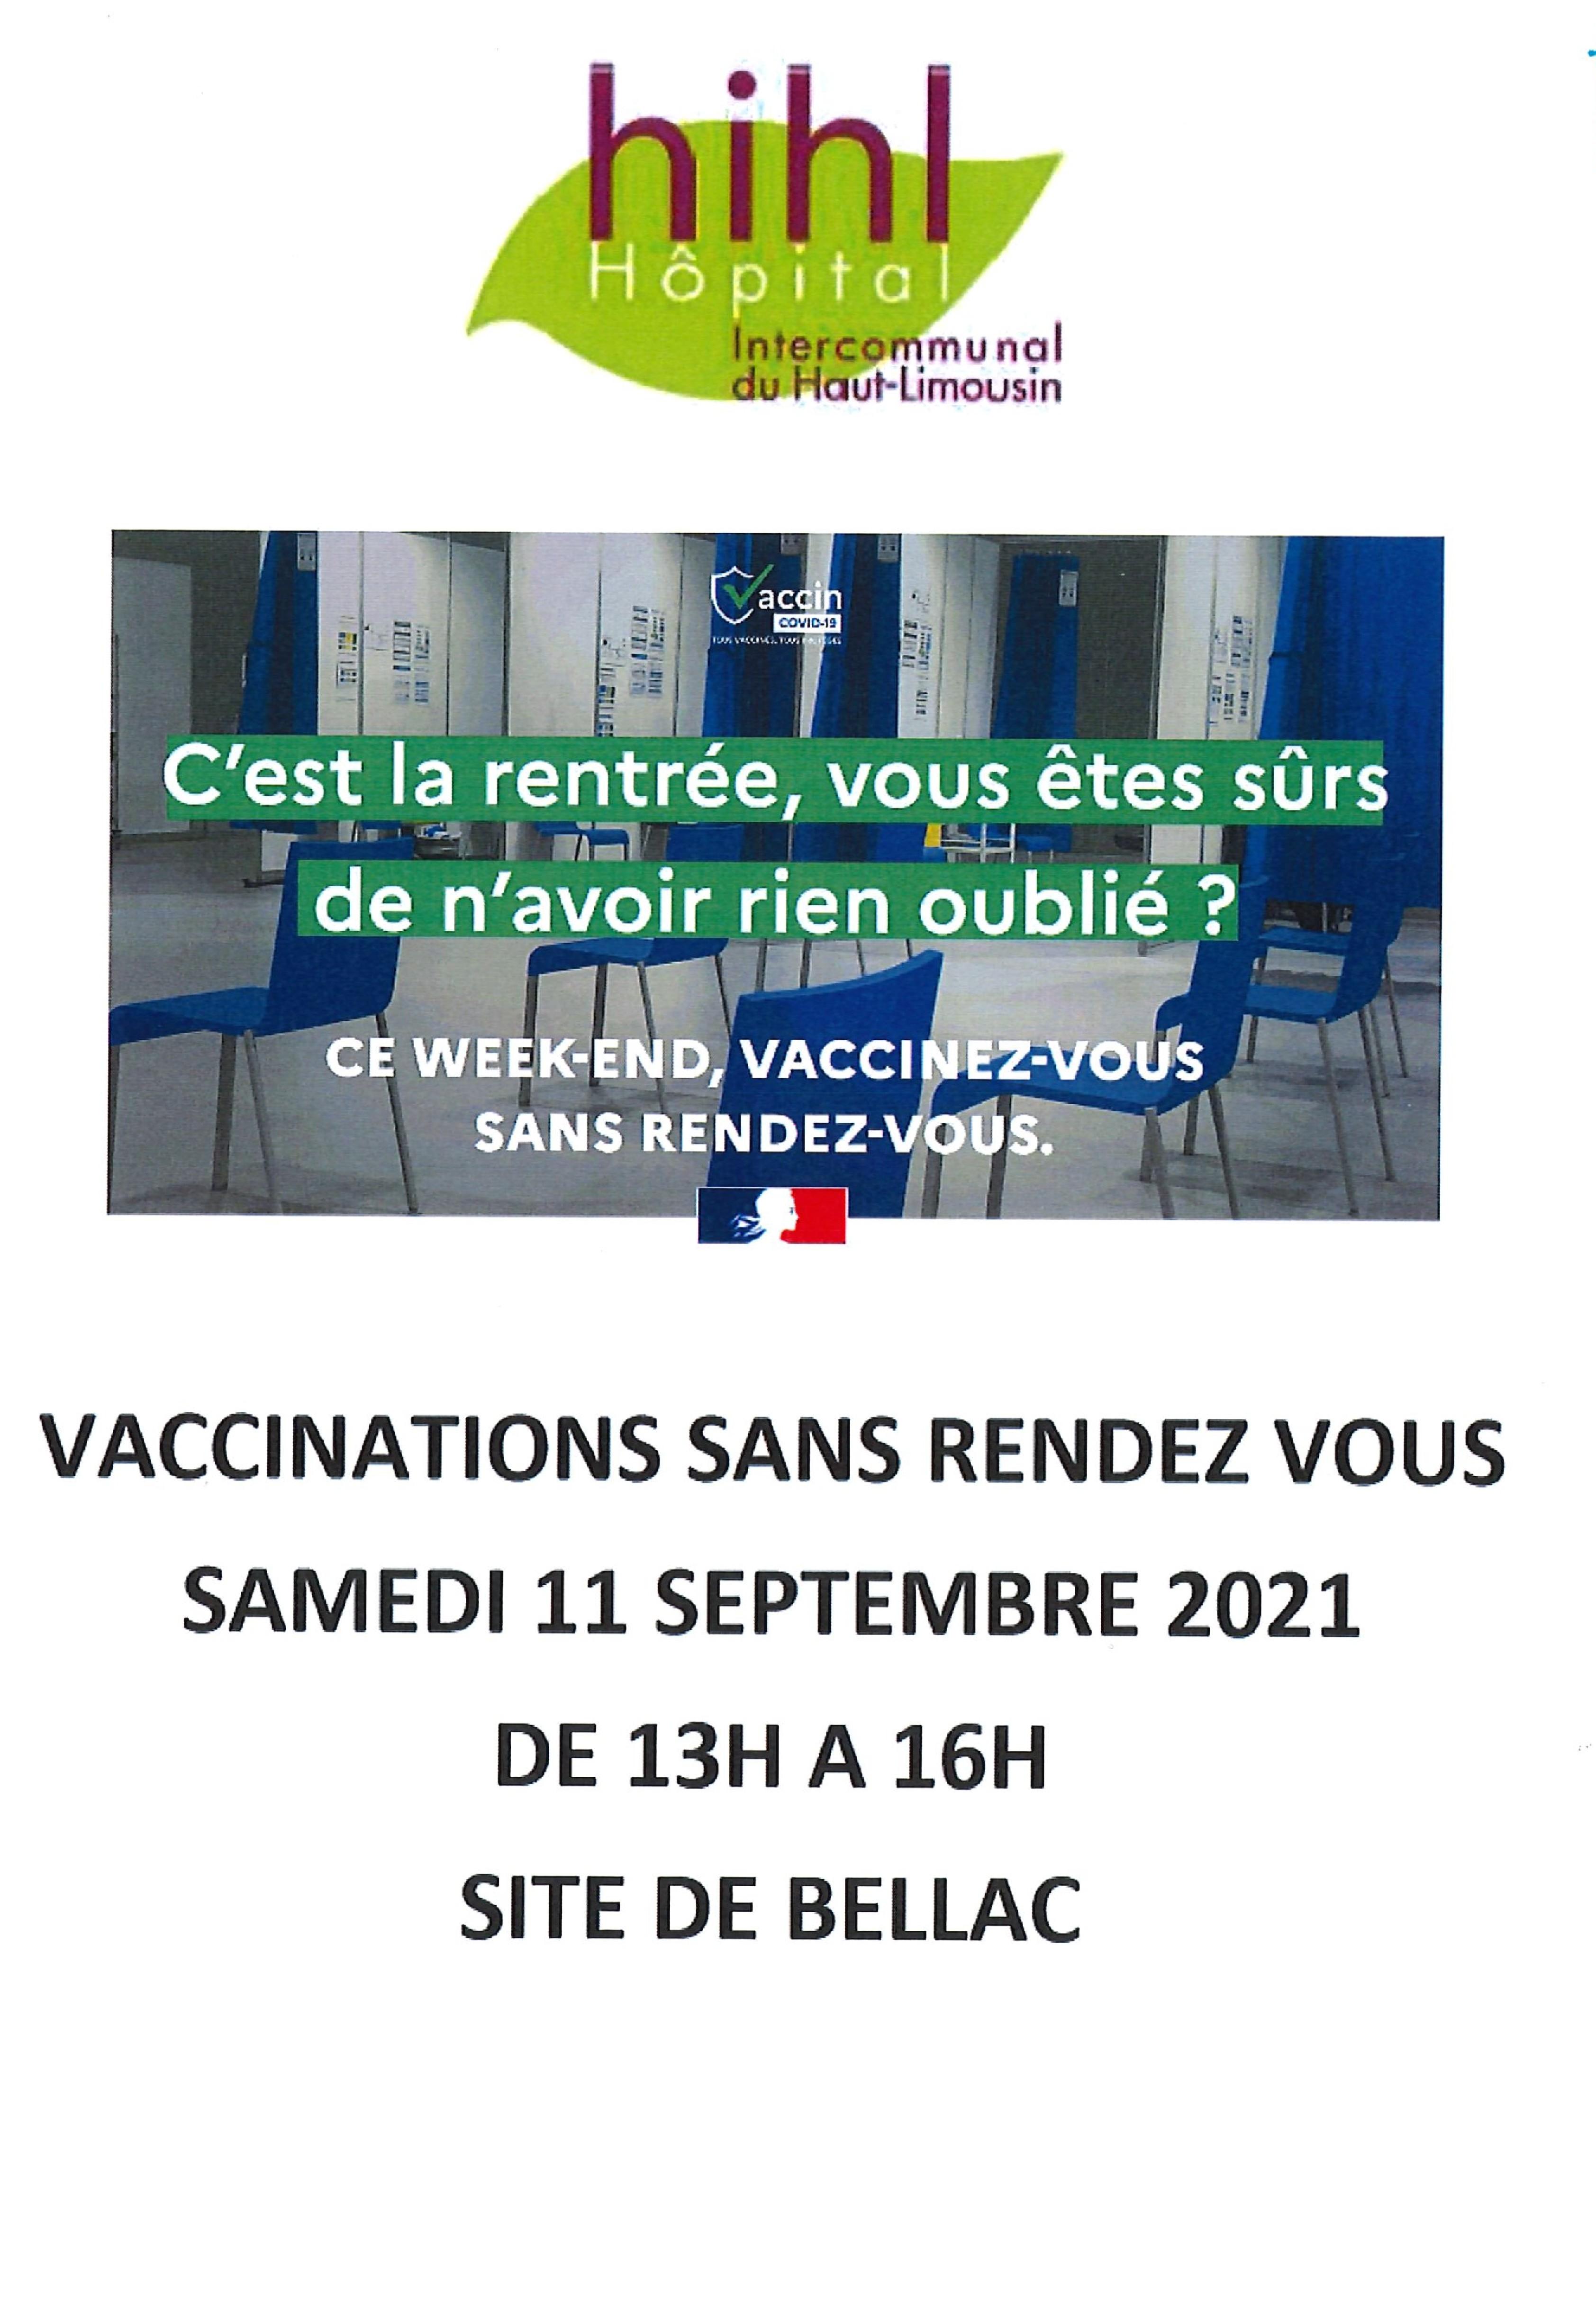 Vaccination ss rdv-001-001.jpg